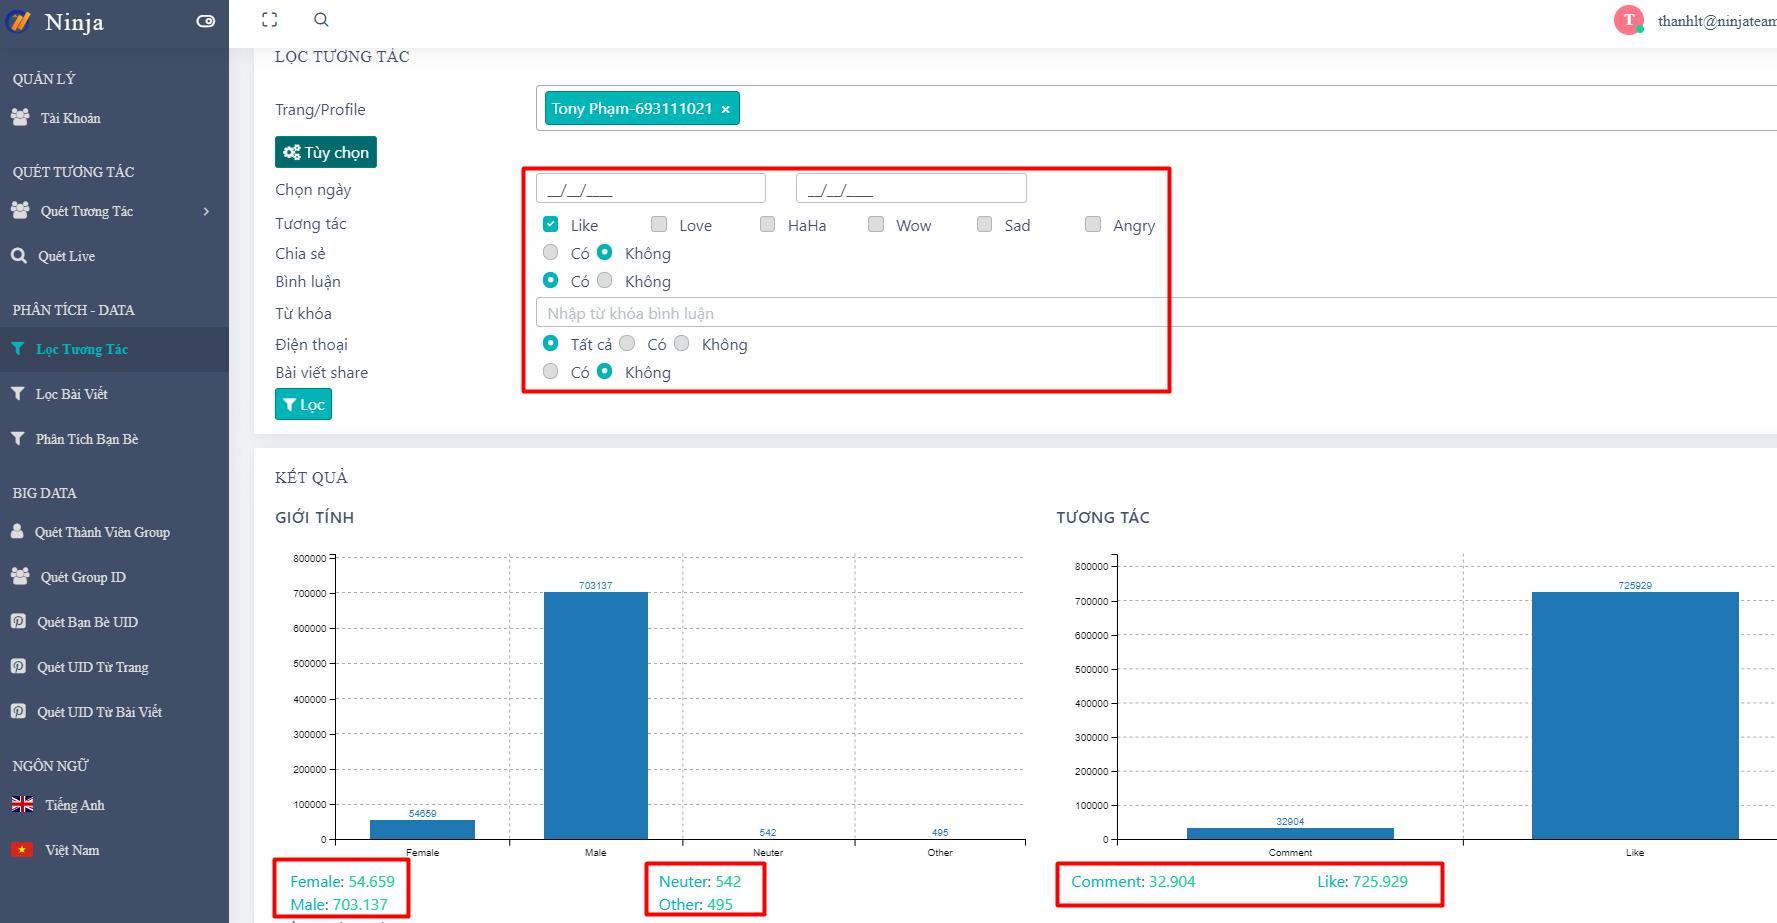 Phân tích, lọc hành vi người dùng với phần mềm Ninja UID Pro